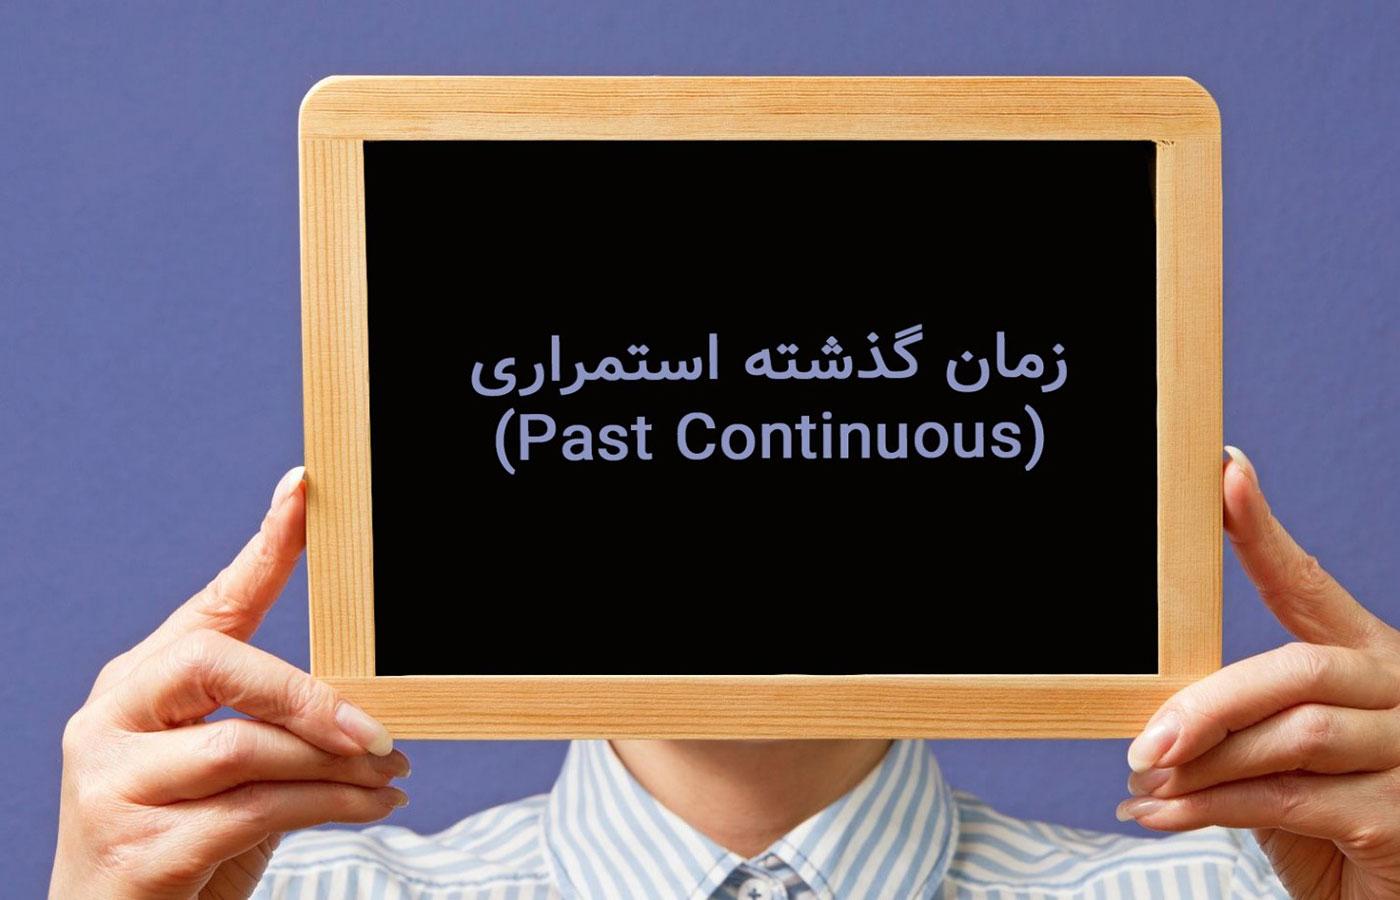 گرامر زمان گذشته استمراری